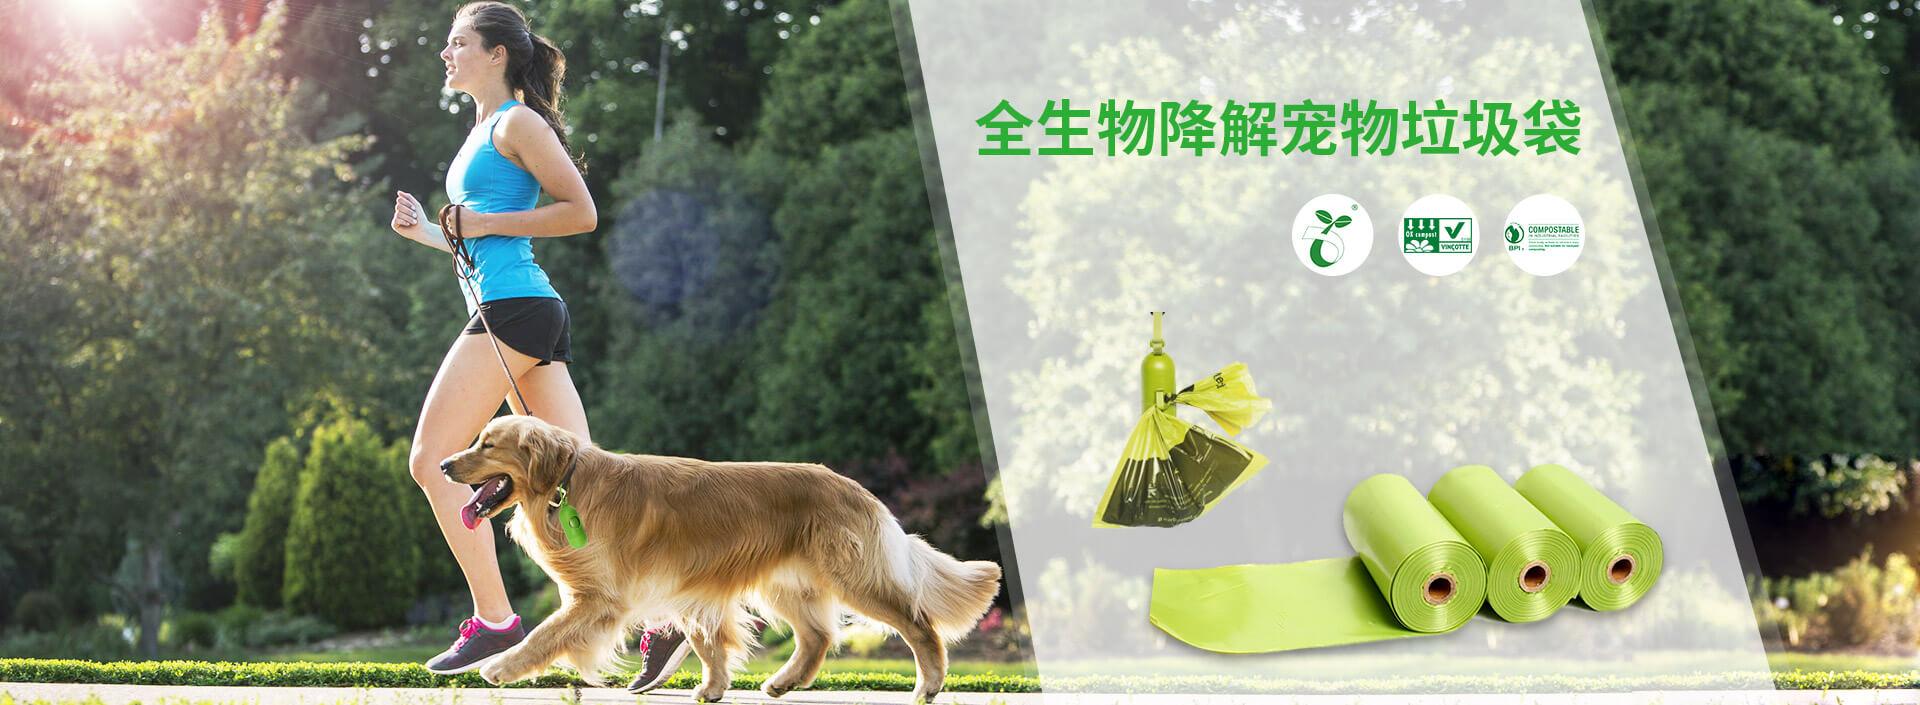 全生物降解宠物垃圾袋